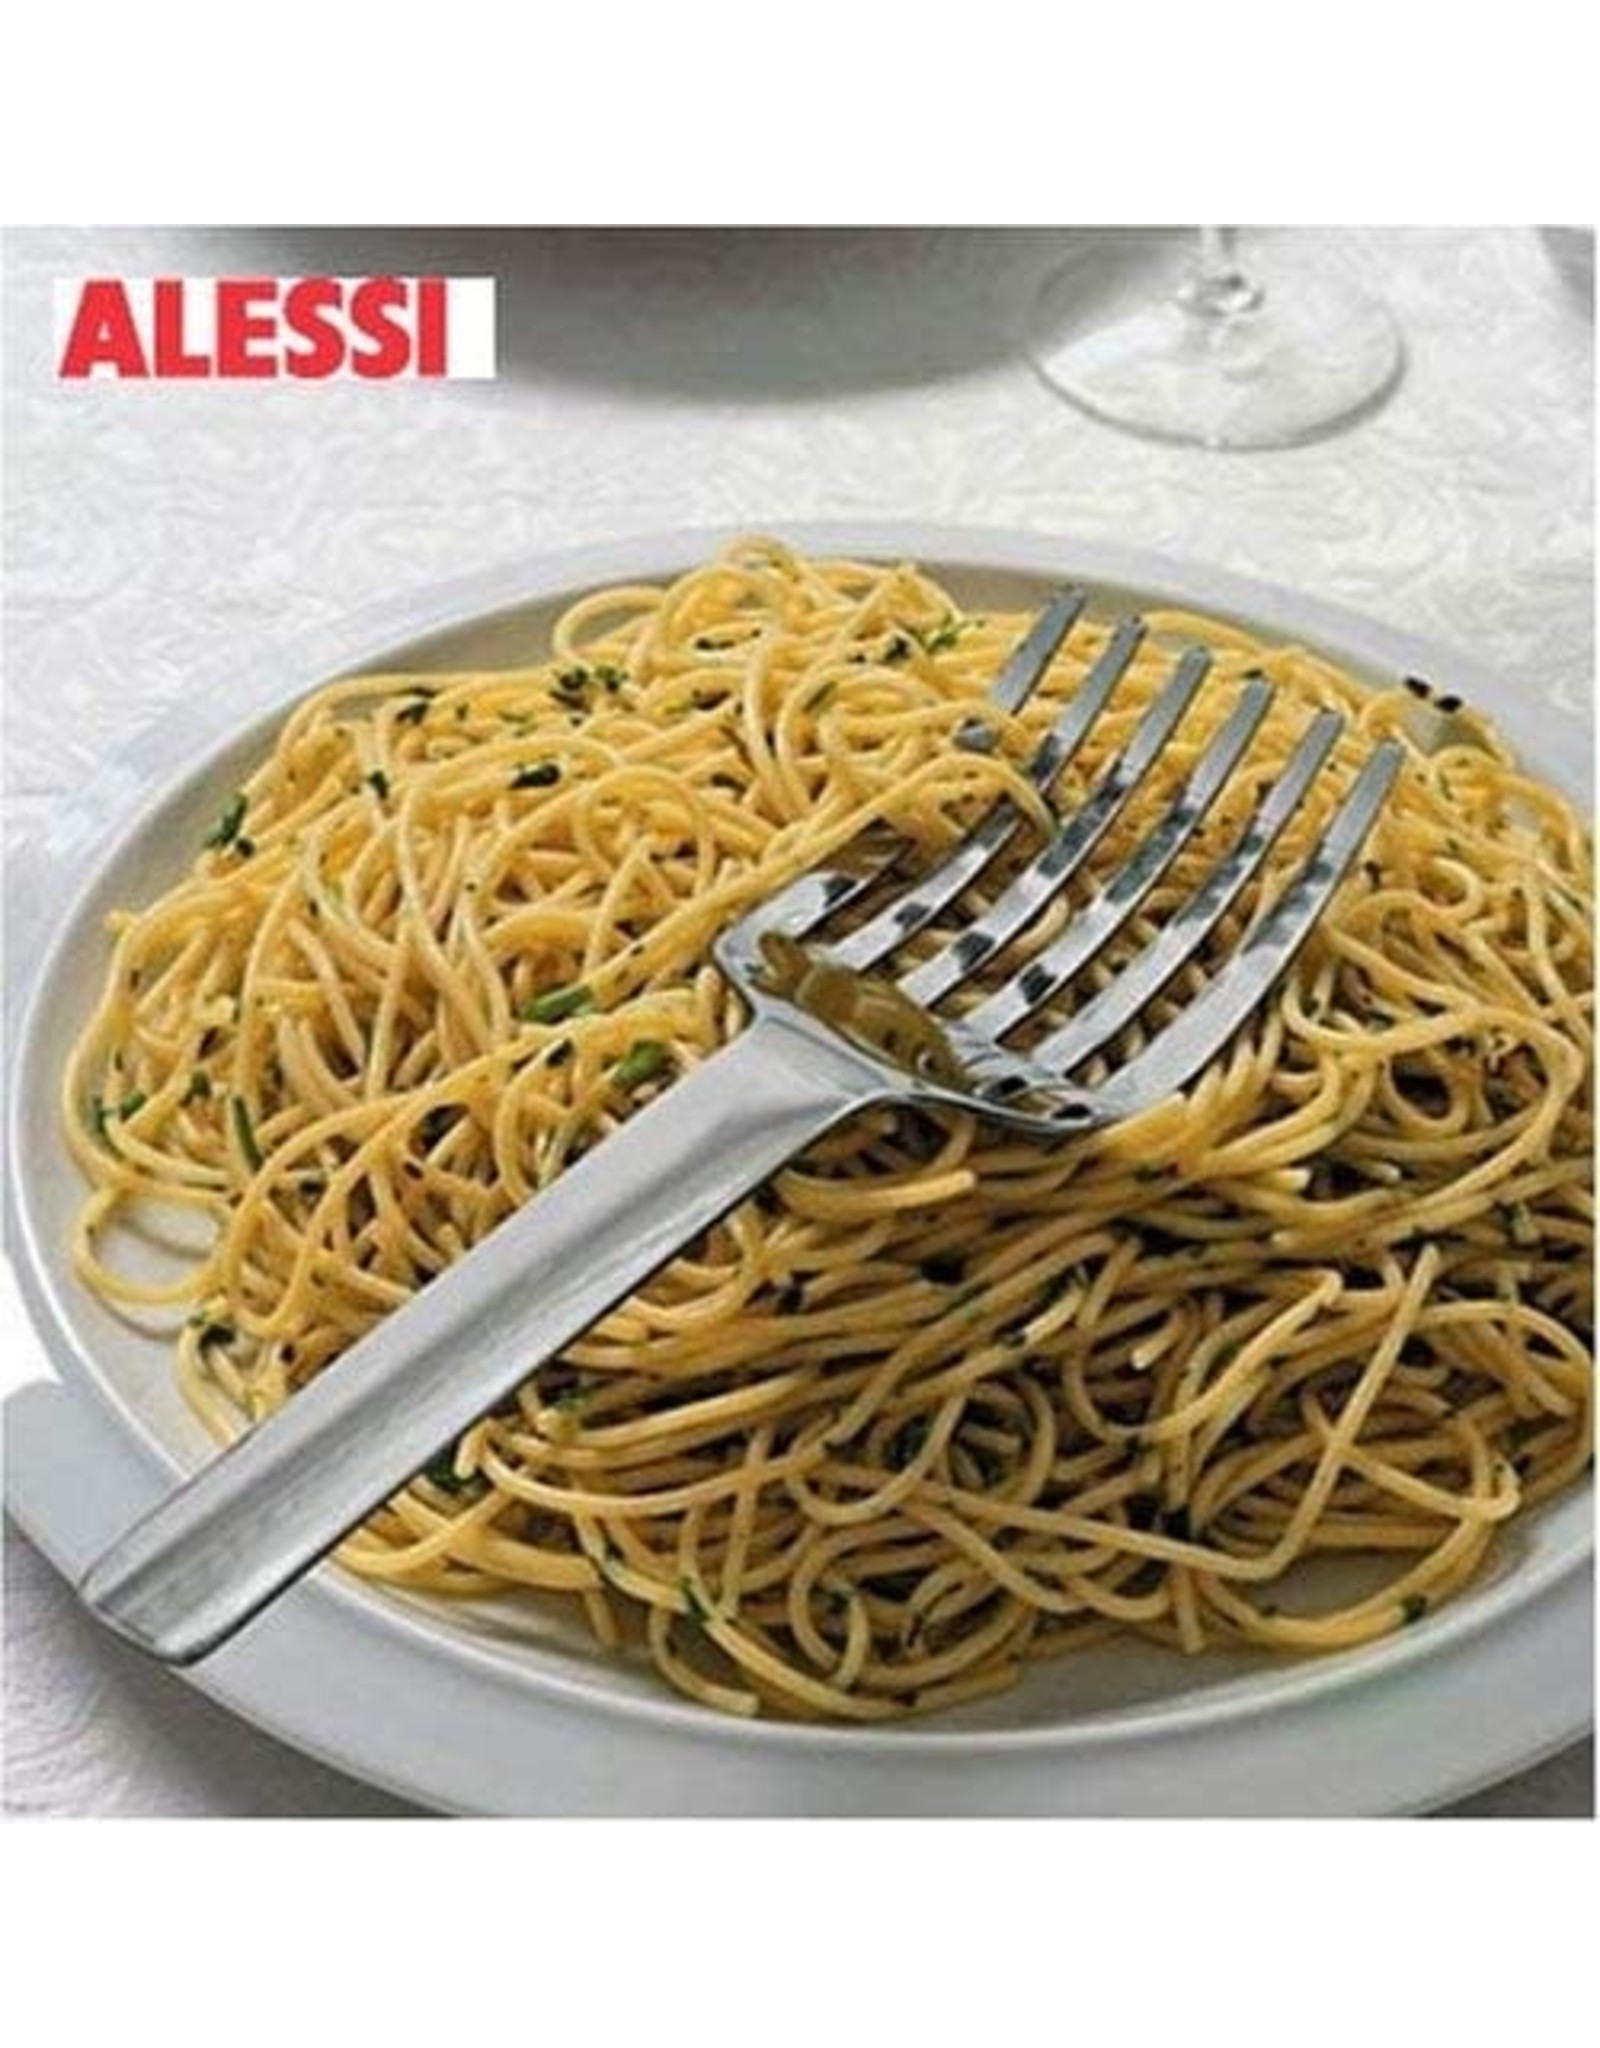 Alessi ALESSI 'TIBIDABO' Spaghetti Serving Fork